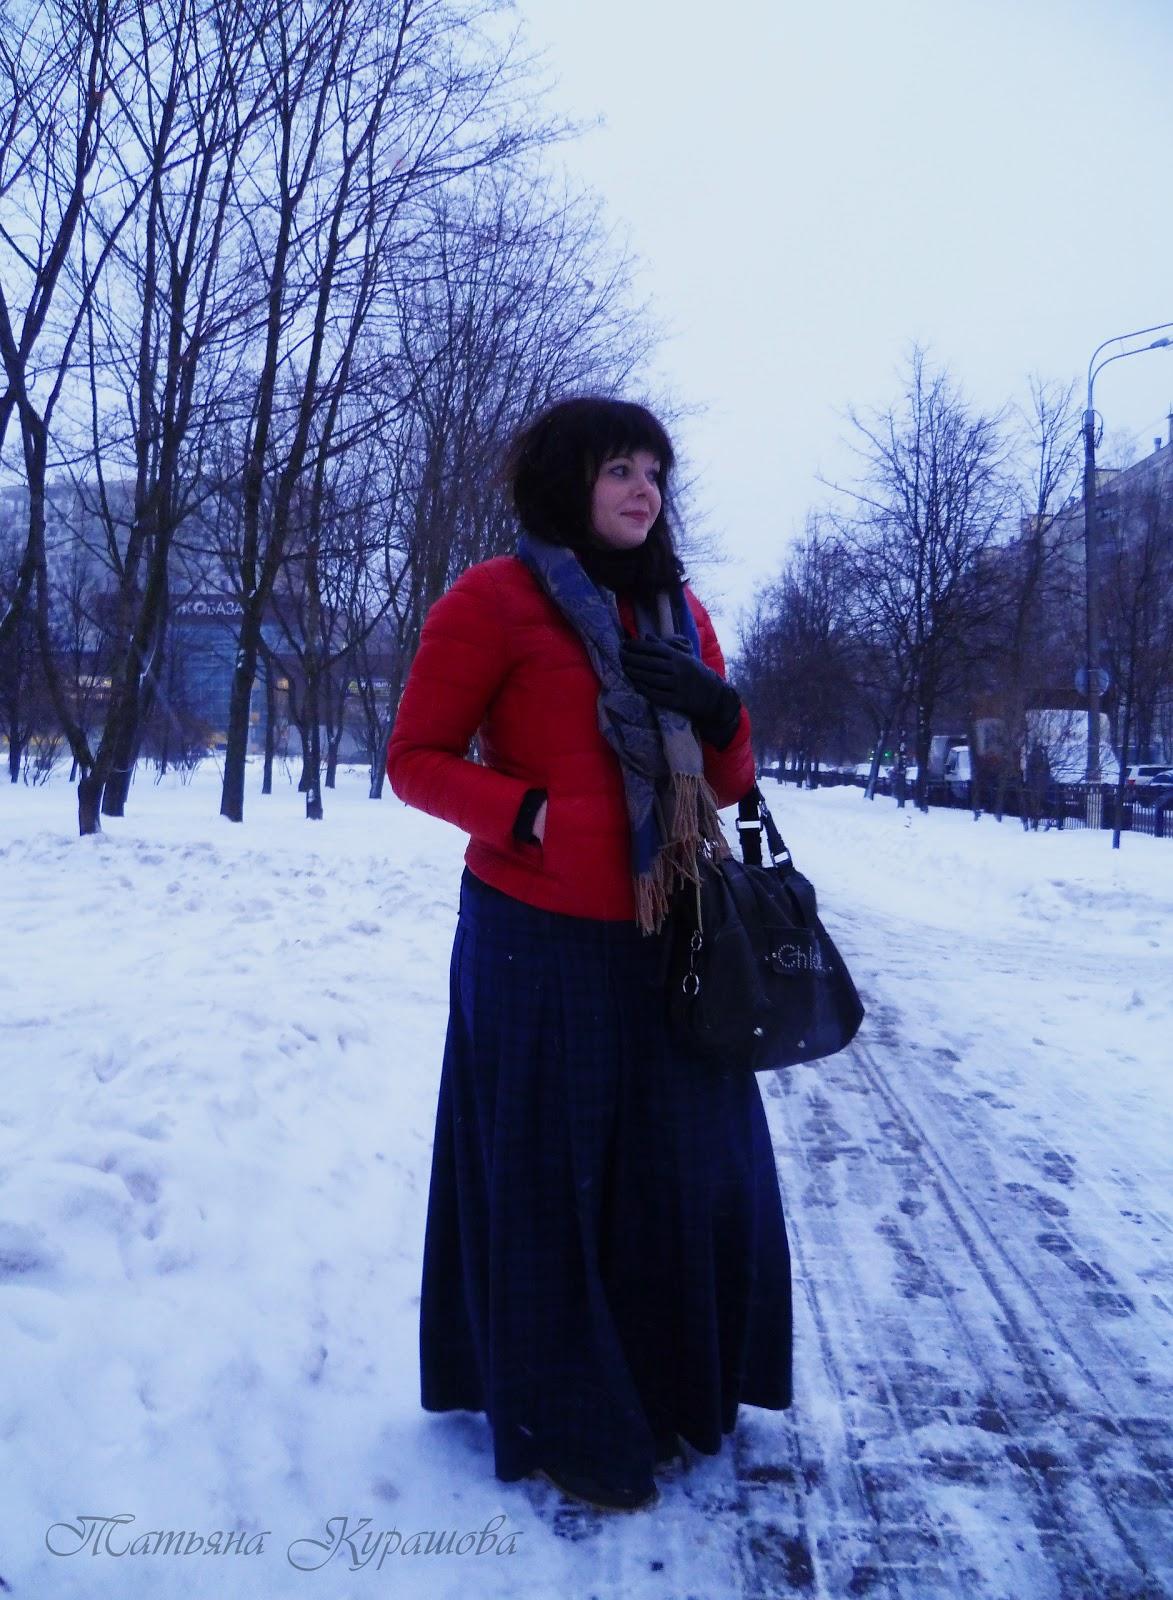 Татьяна Курашова. Длинная юбка на кокетке.